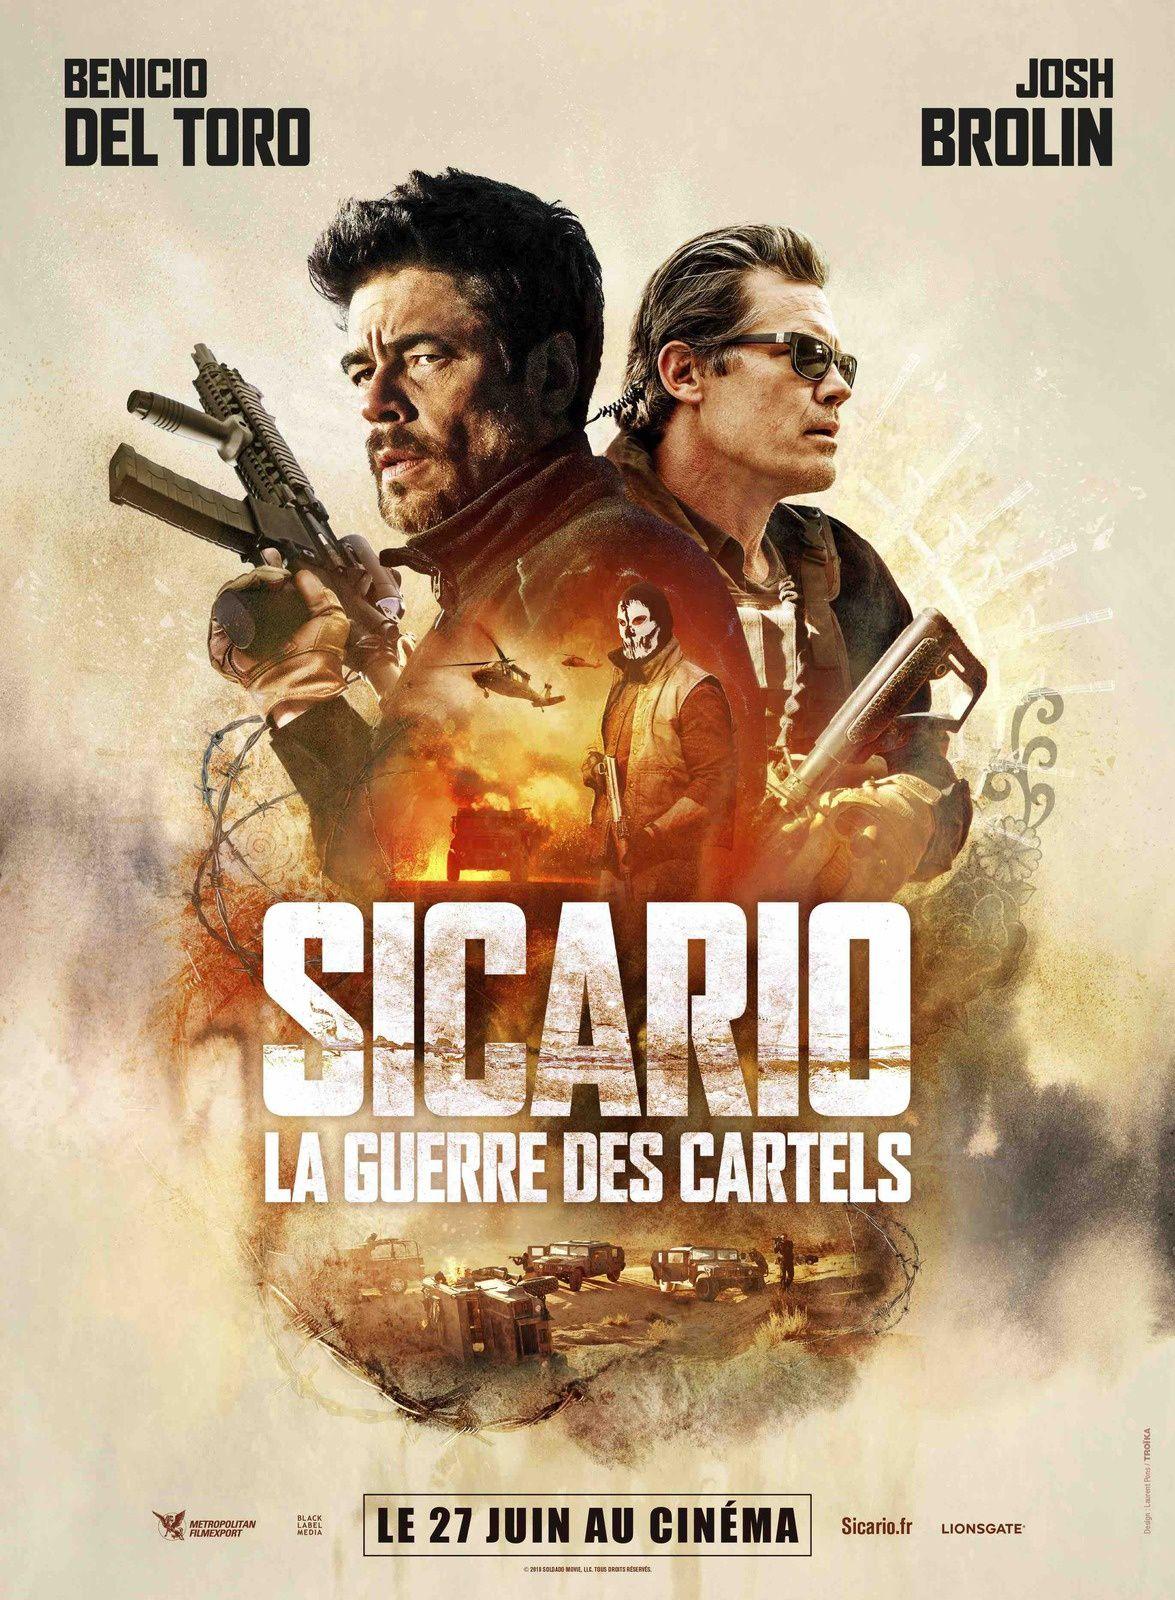 Découvrez 3 extraits de SICARIO LA GUERRE DES CARTELS avec Benicio Del Toro et Josh Brolin - Le 27 juin 2018 au cinéma